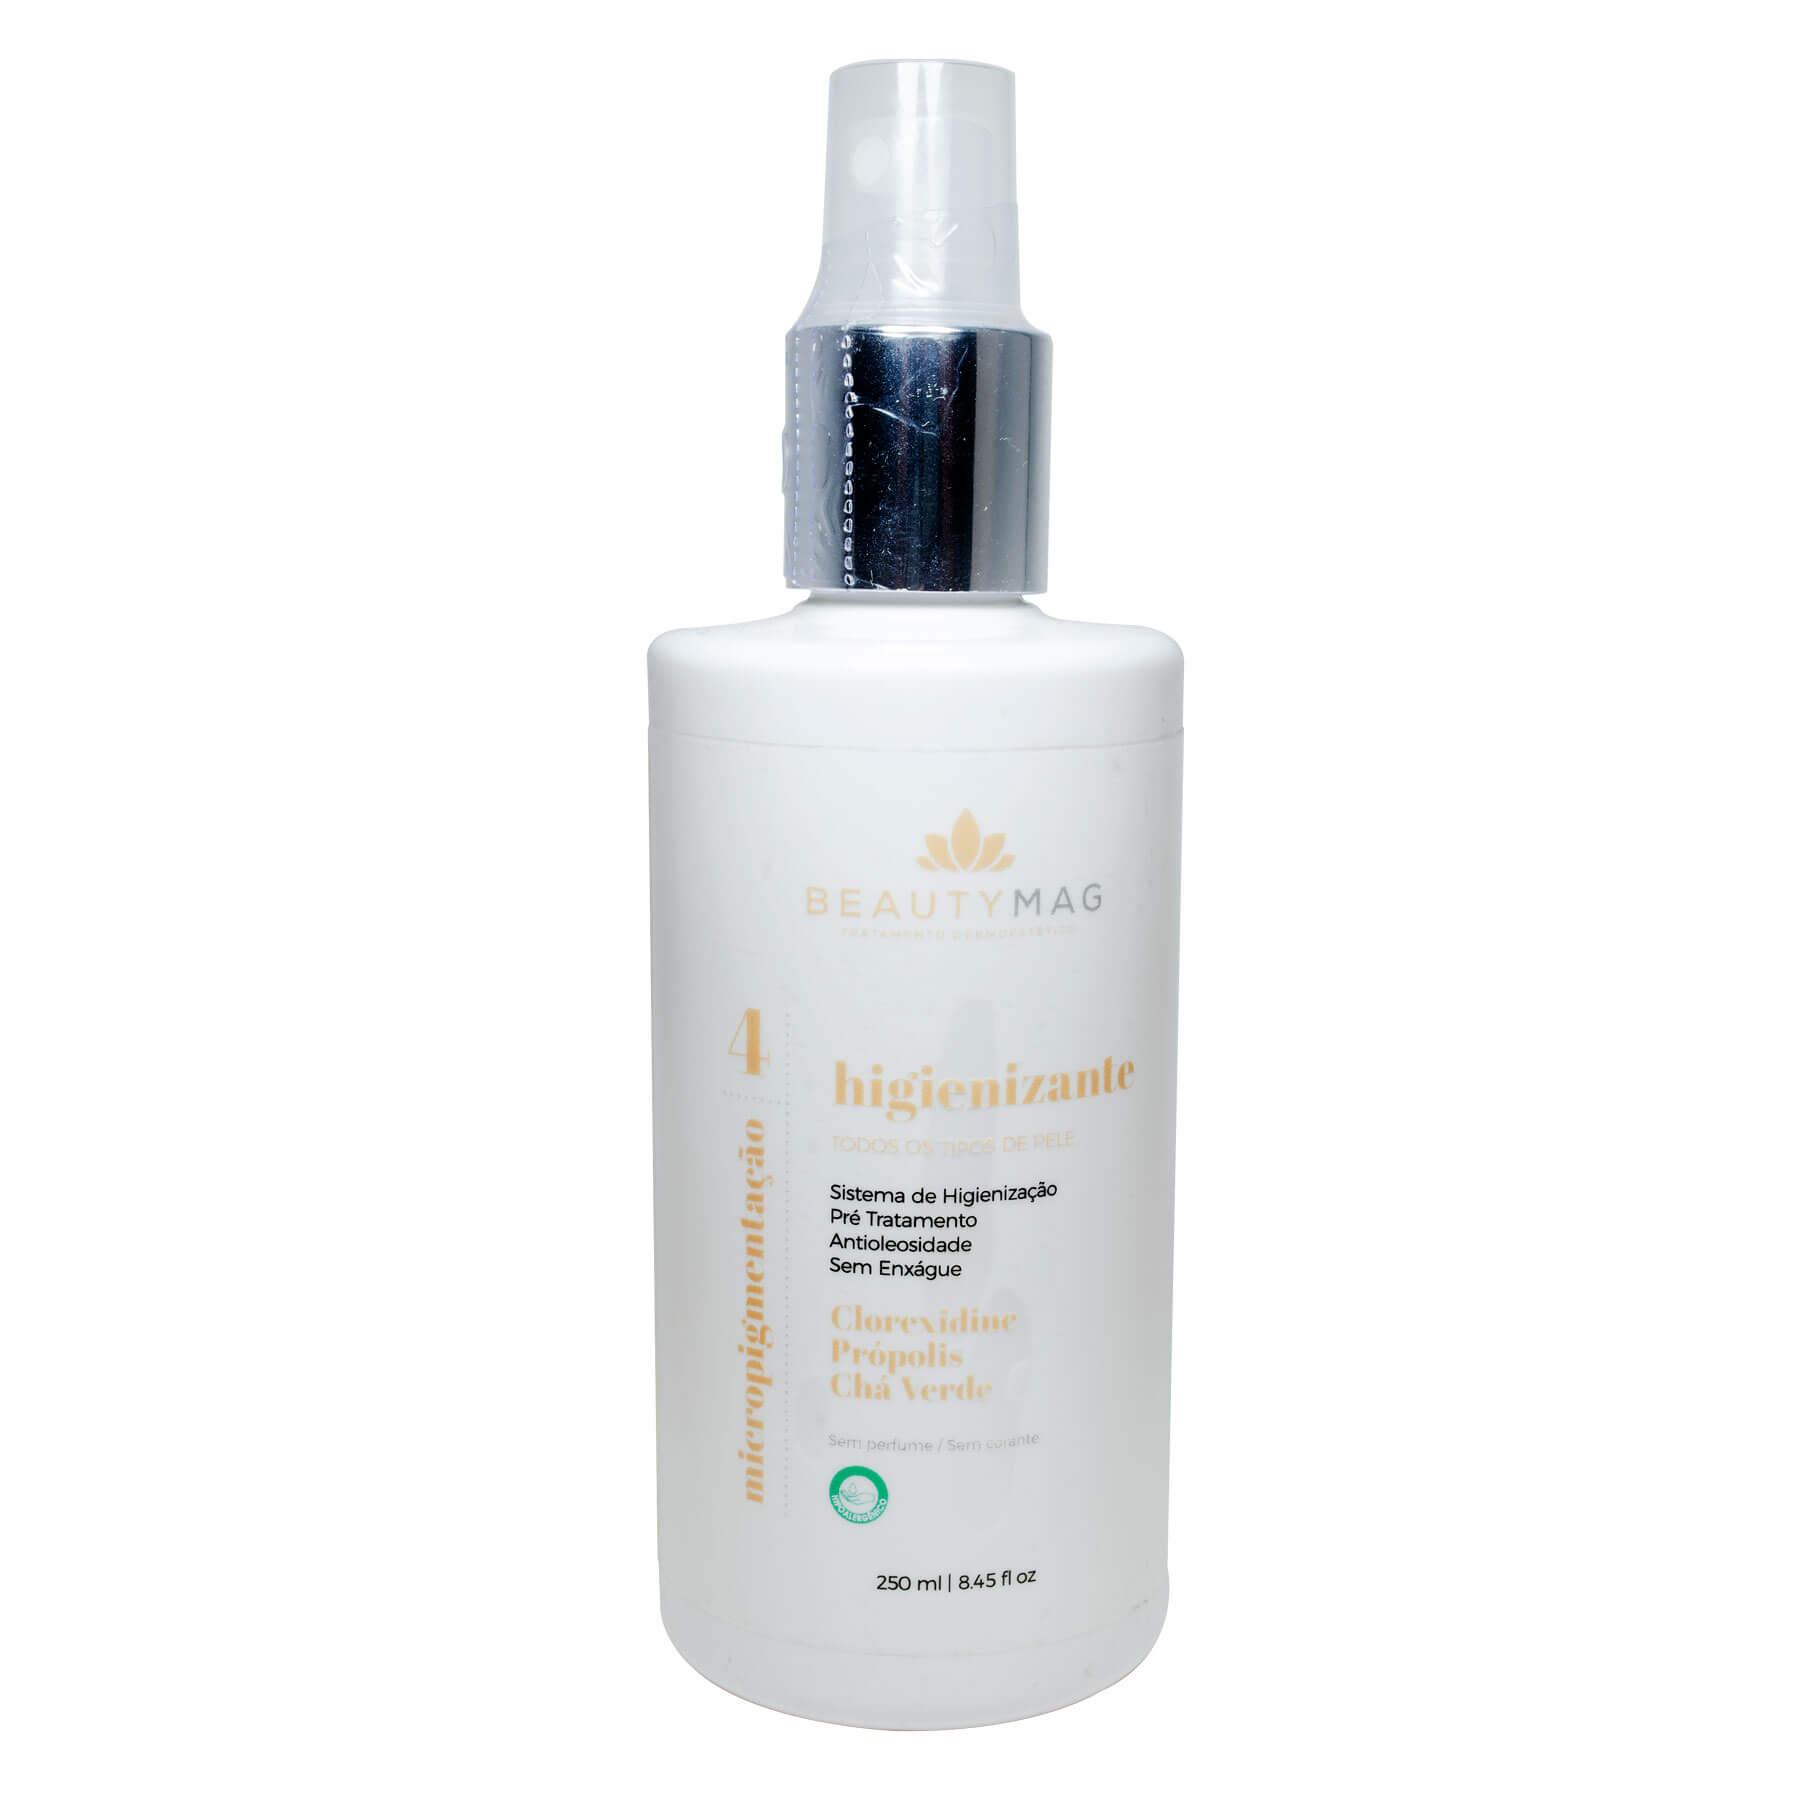 Loção Higienizante BeautyMag para Micropigmentação 250ml